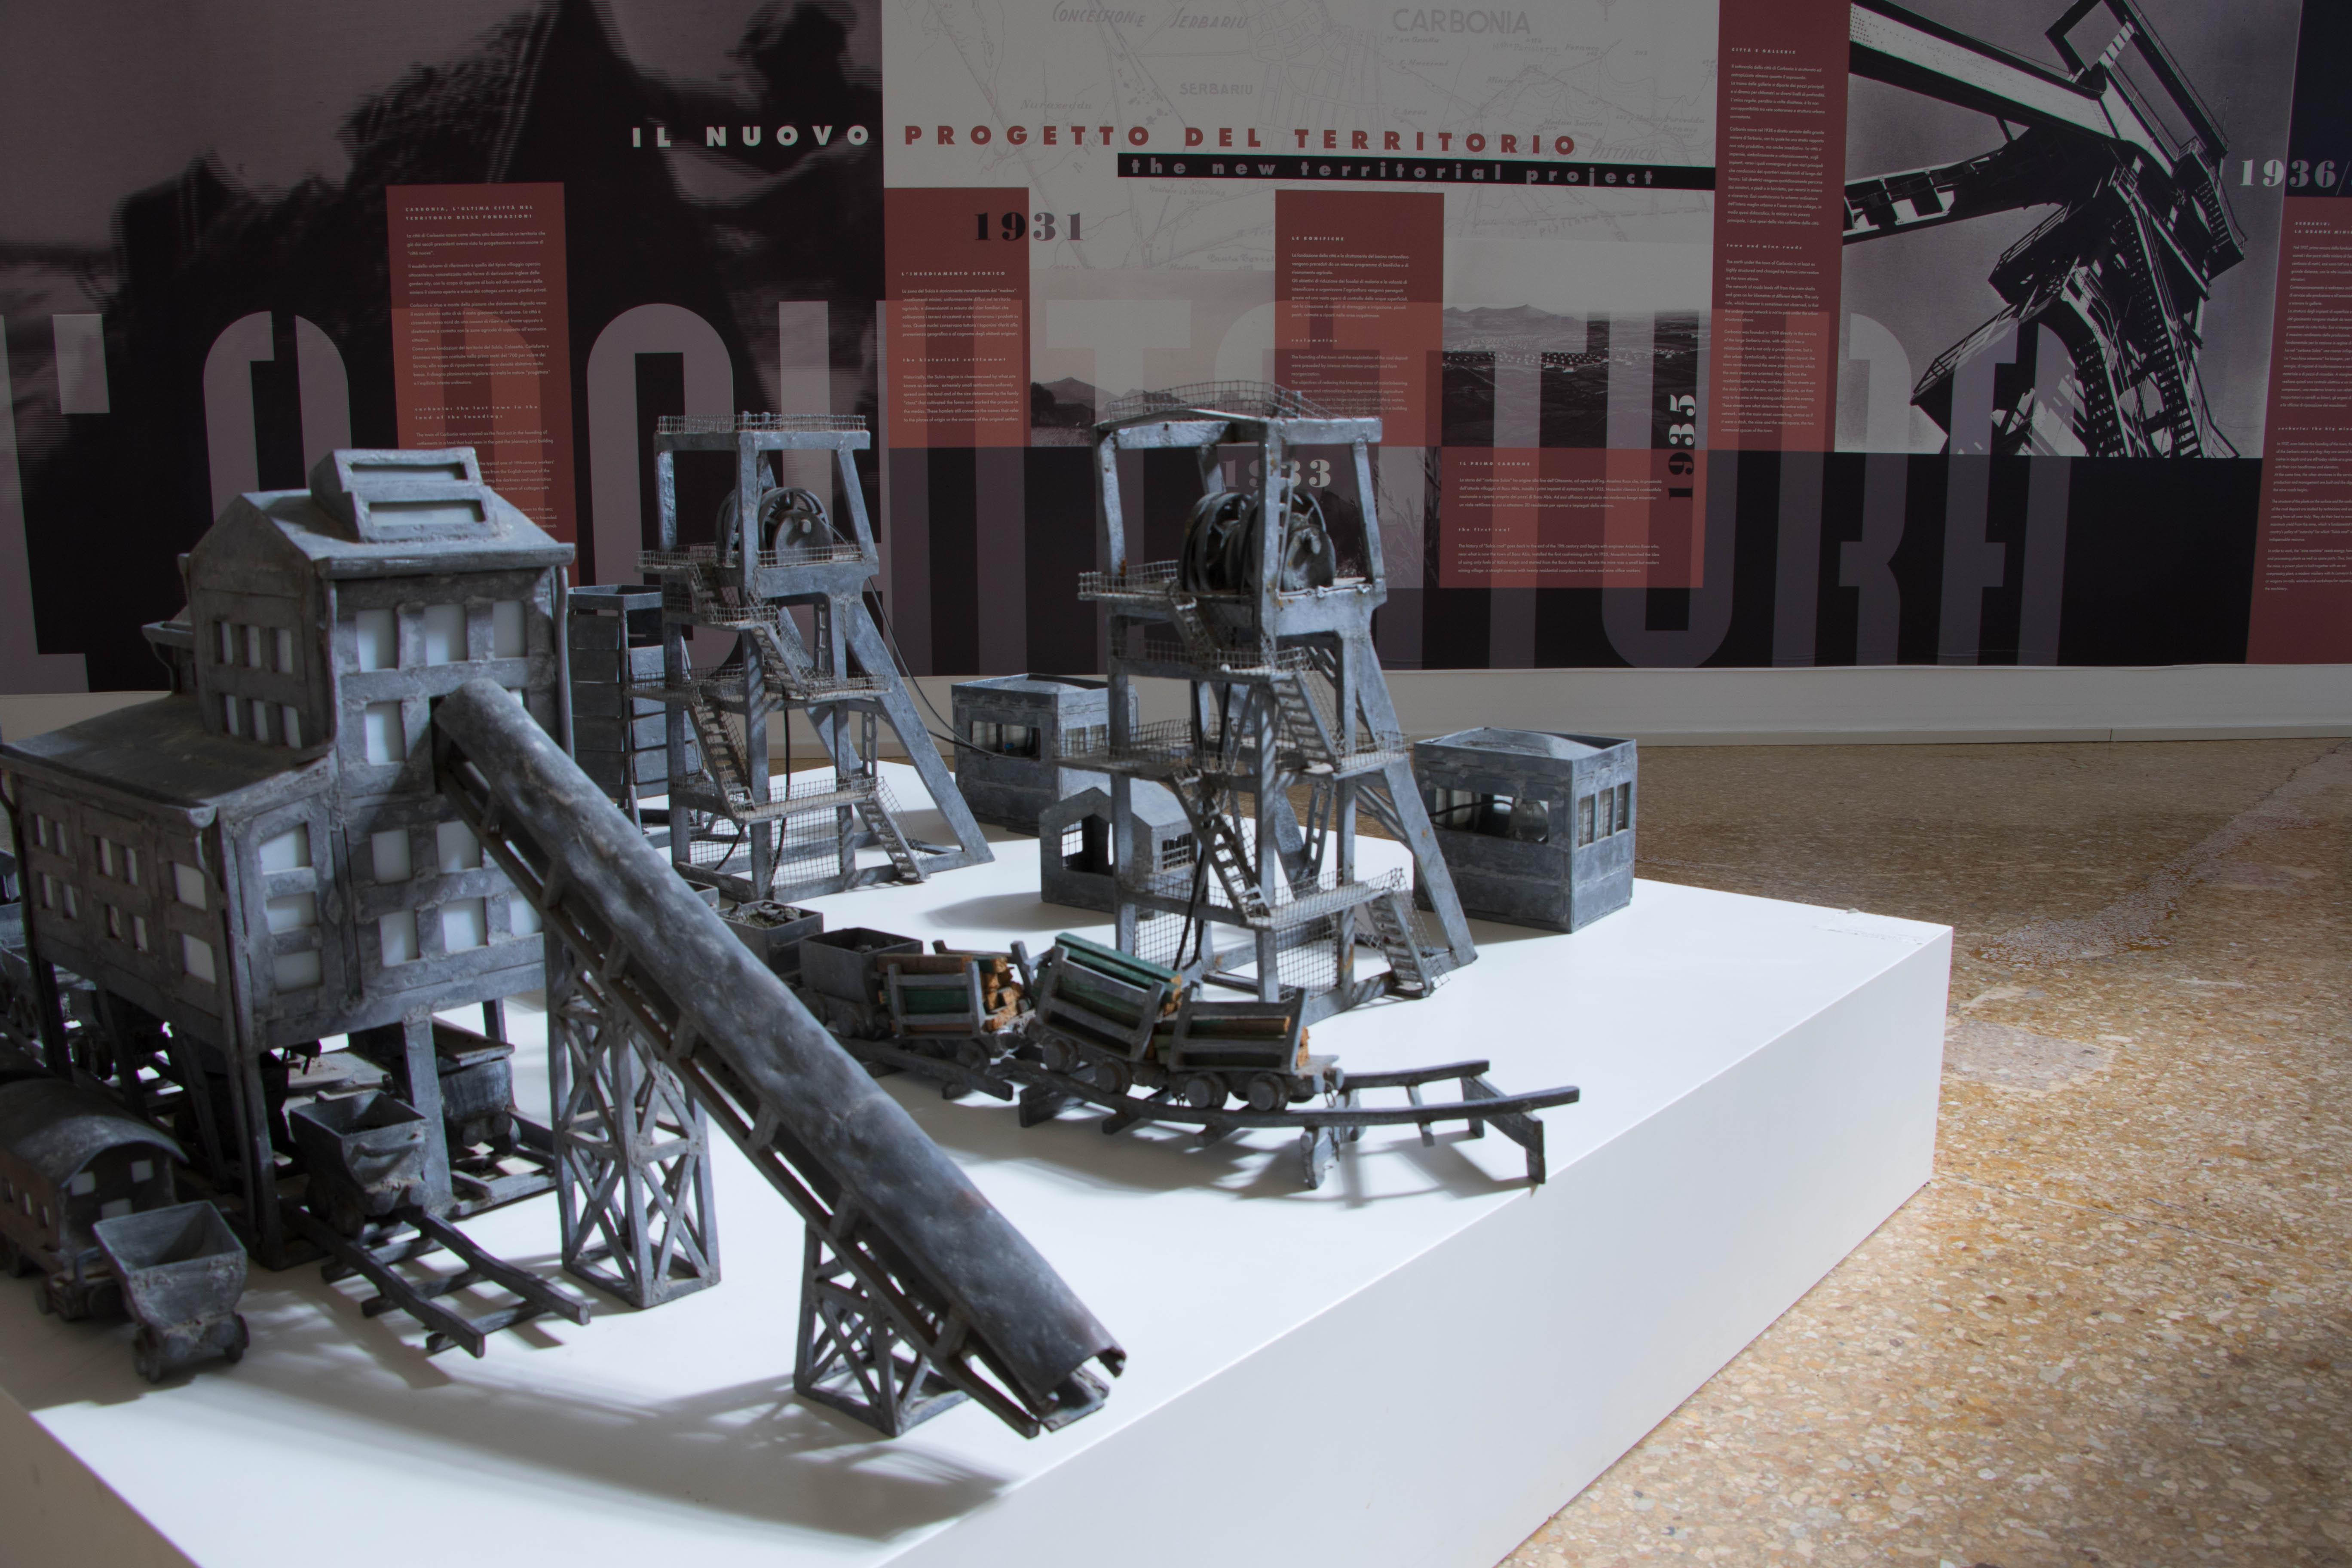 Esposizione nella Lampisteria del Museo del Carbone - Grande Miniera di Serbariu, Carbonia